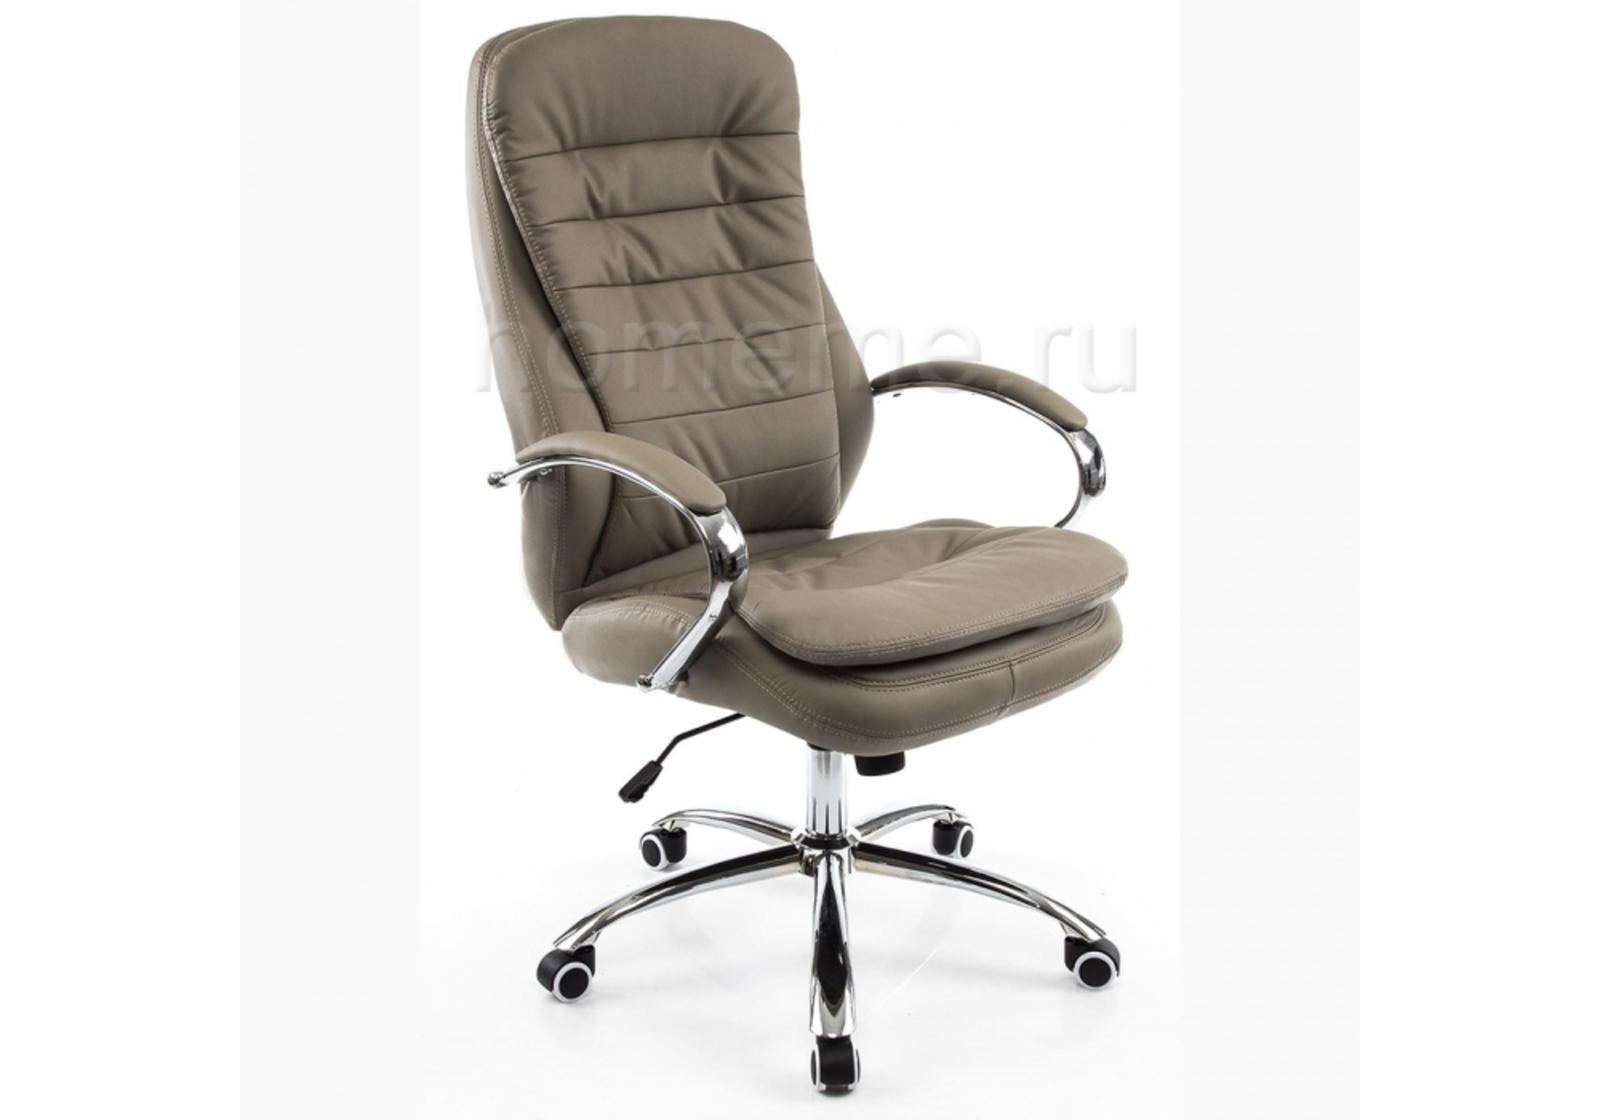 Кресло для офиса HomeMe Tomar серое 1741 от Homeme.ru